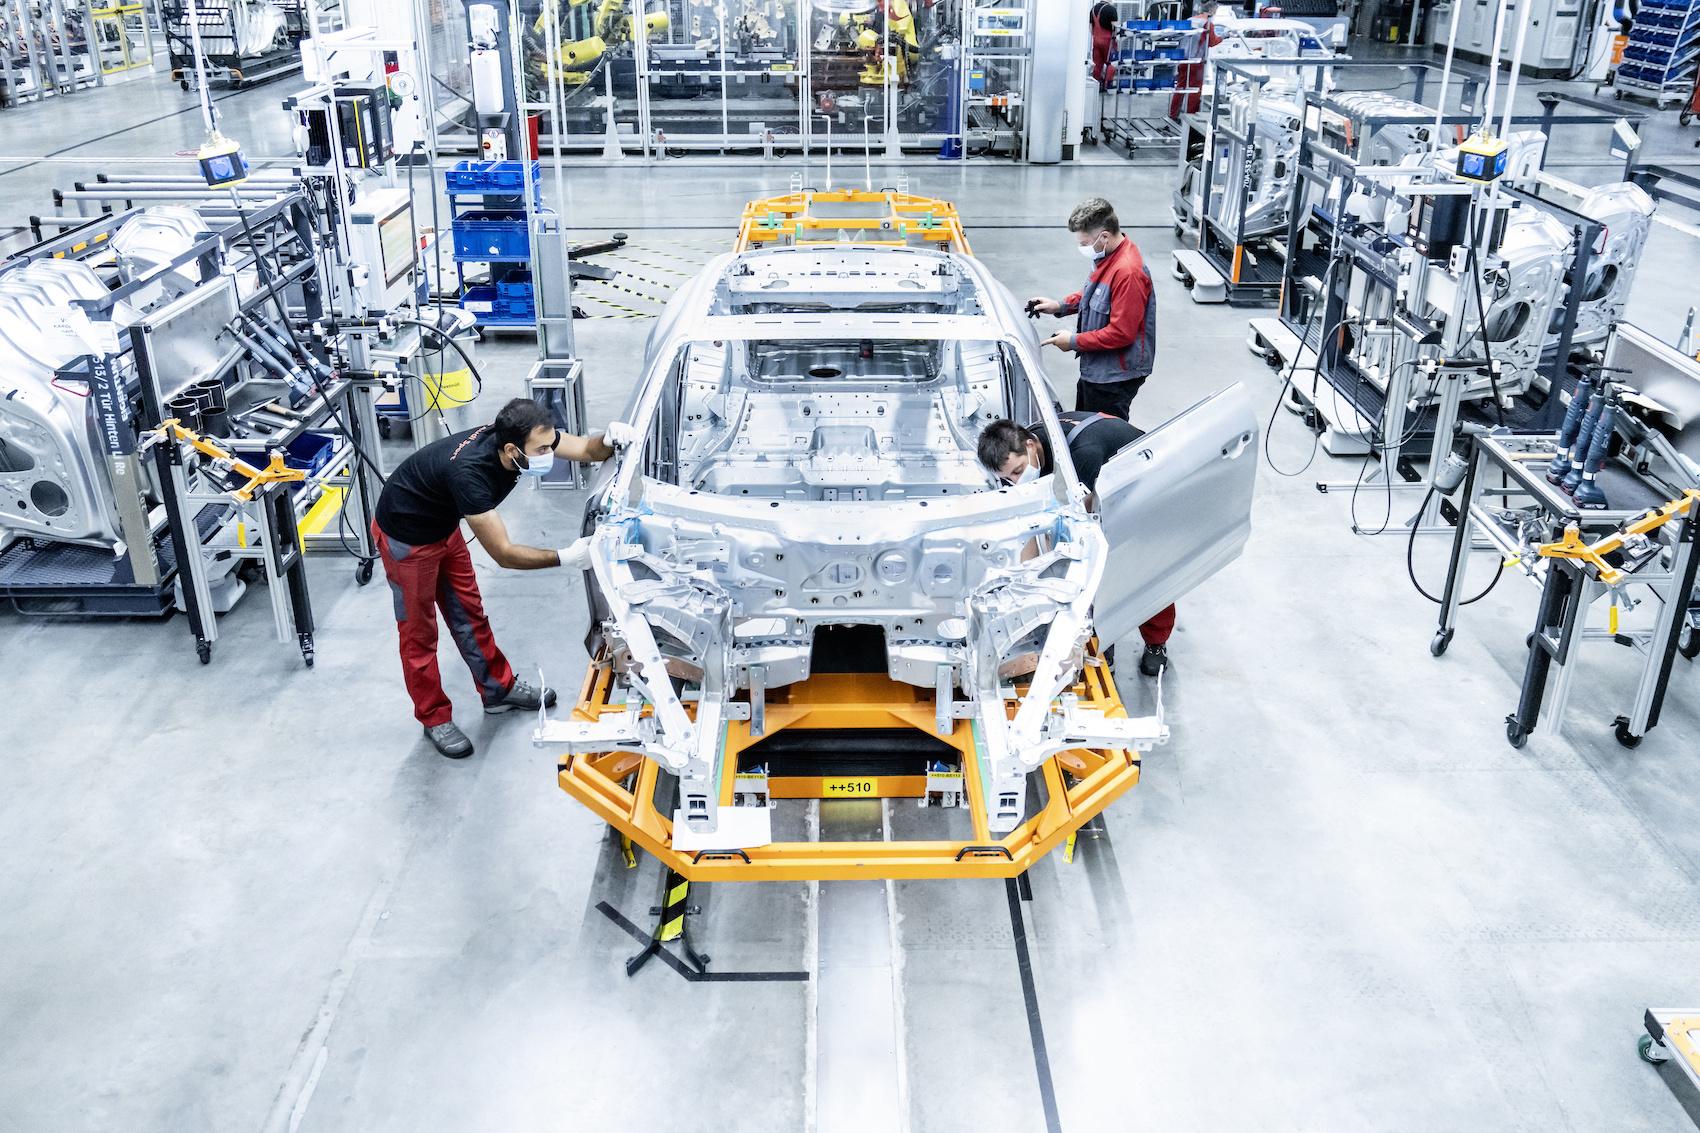 Um einen Audi e-tron GT zu bauen, braucht es Roboter, VR-Brillen – und viel Handarbeit. (Audi)